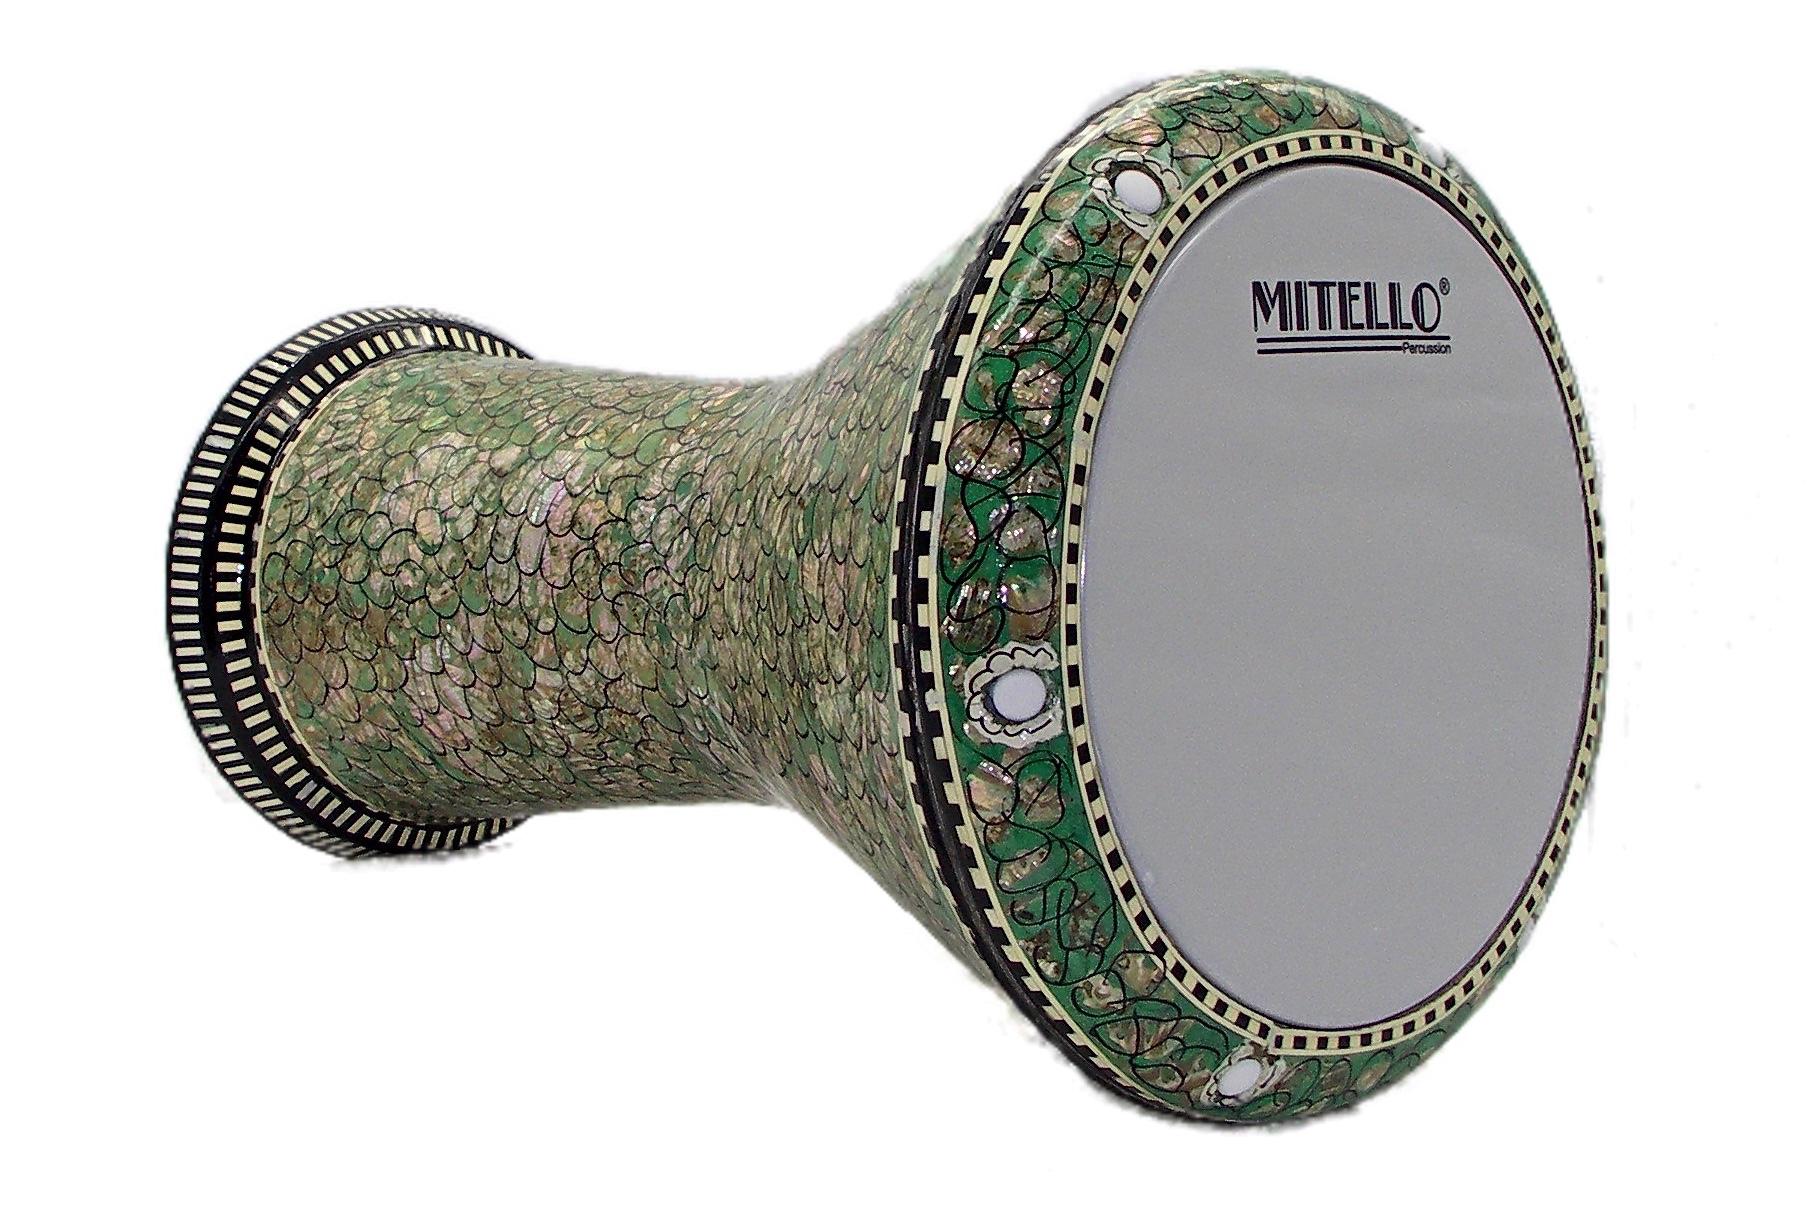 Egyptian-Unknown-MOP-Green-Fish-Scale-Design-White-Mitello-Head-Darabuka